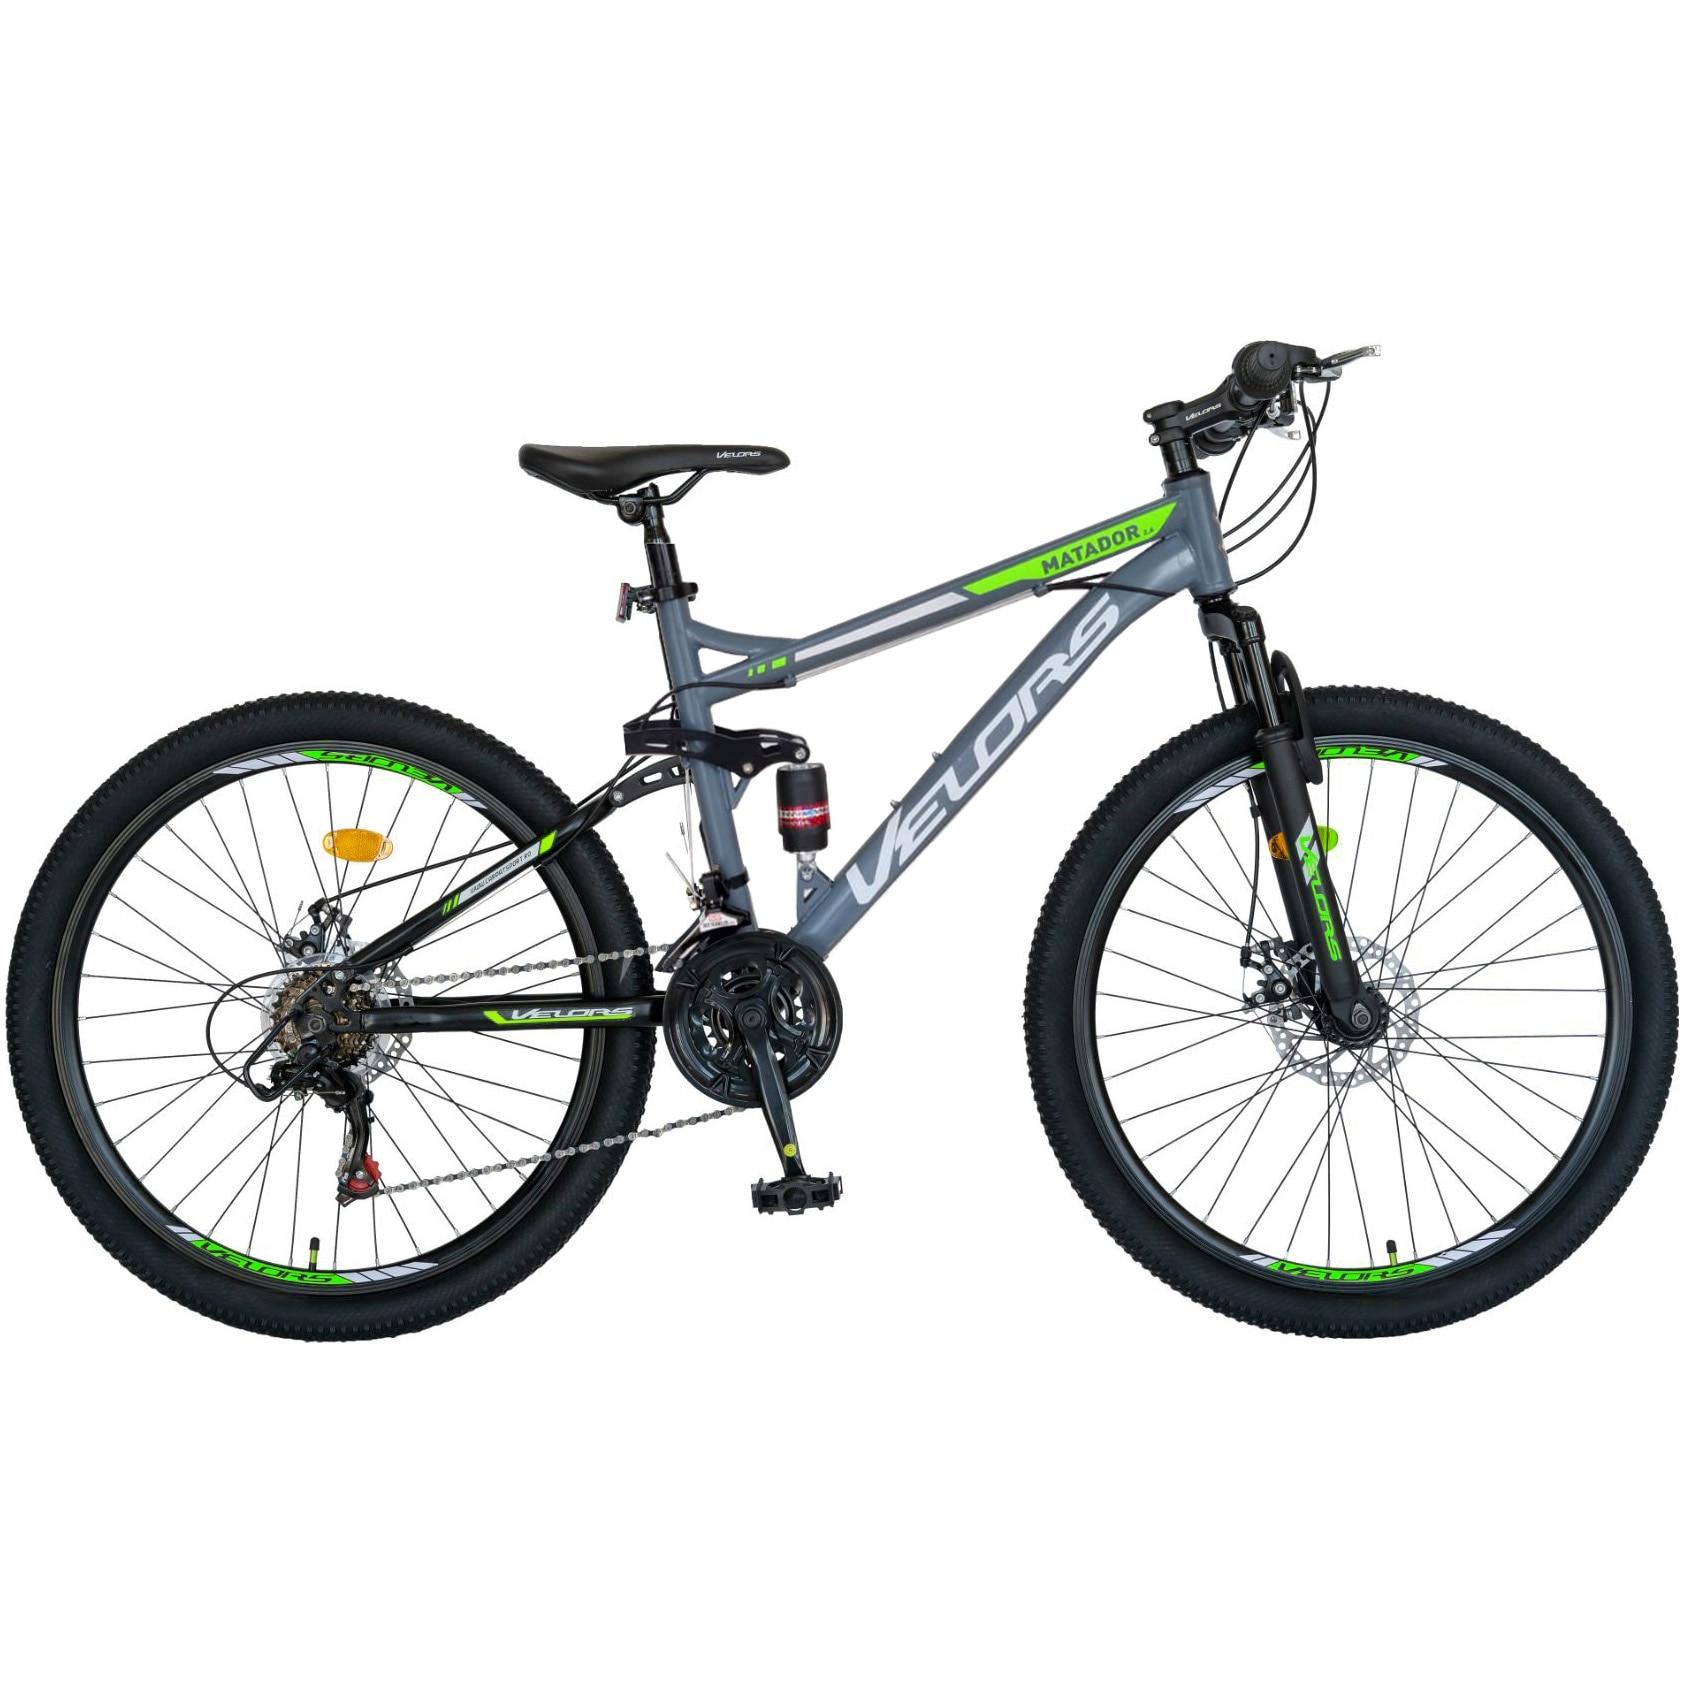 """Fotografie Bicicleta MTB Velors 26"""" V2660D, Shimano Tourney TZ500D, 21 Viteze, Frane pe Disc, Gri/Negru/Verde"""